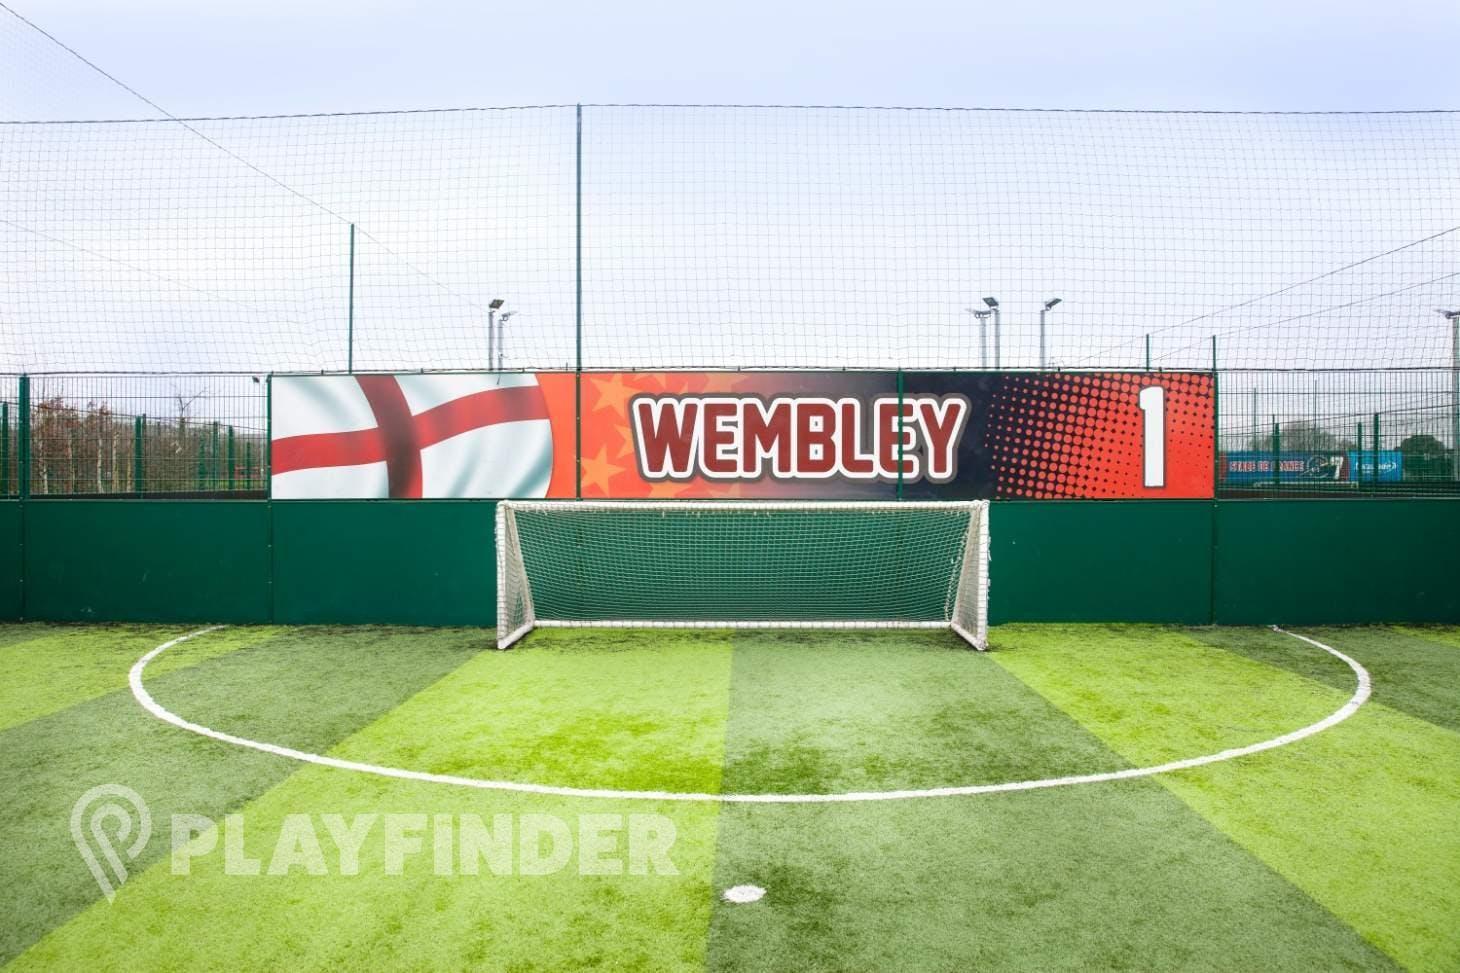 Goals Wimbledon 5 a side | 3G Astroturf football pitch